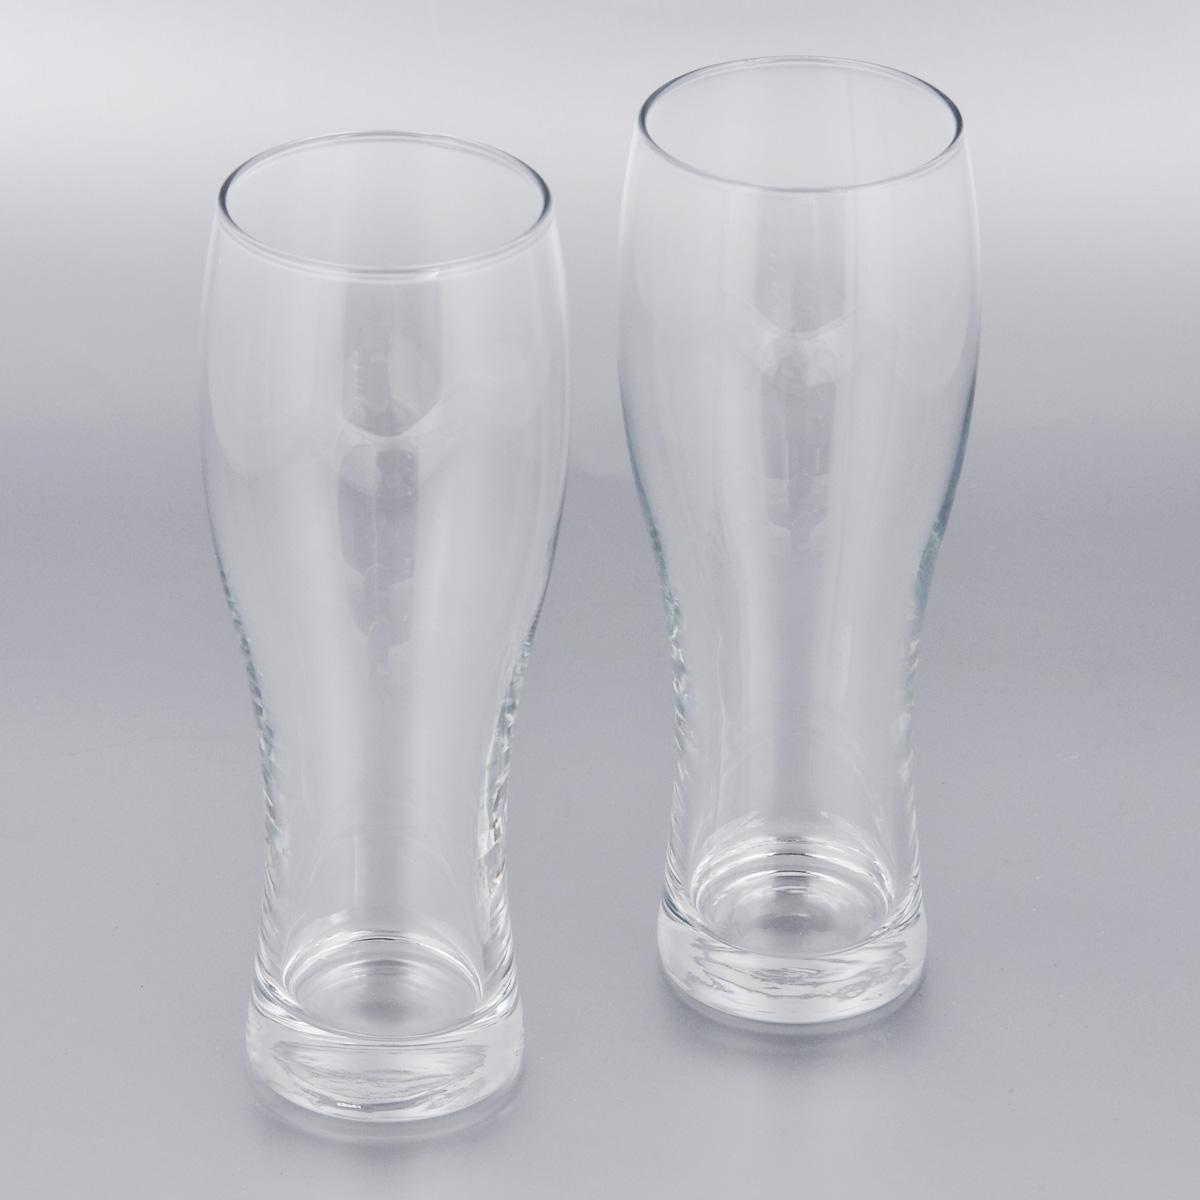 Набор стаканов для пива Pasabahce Pub, 300 мл, 2 шт41782BНабор Pasabahce Pub состоит из двух стаканов, выполненных из прочного натрий-кальций-силикатного стекла. Стаканы, оснащенные утолщенным дном, предназначены для подачи пива. Такой набор прекрасно подойдет для любителей пенного напитка.Можно мыть в посудомоечной машине и использовать в микроволновой печи.Высота стакана: 18 см.Диаметр стакана (по верхнему краю): 6 см.